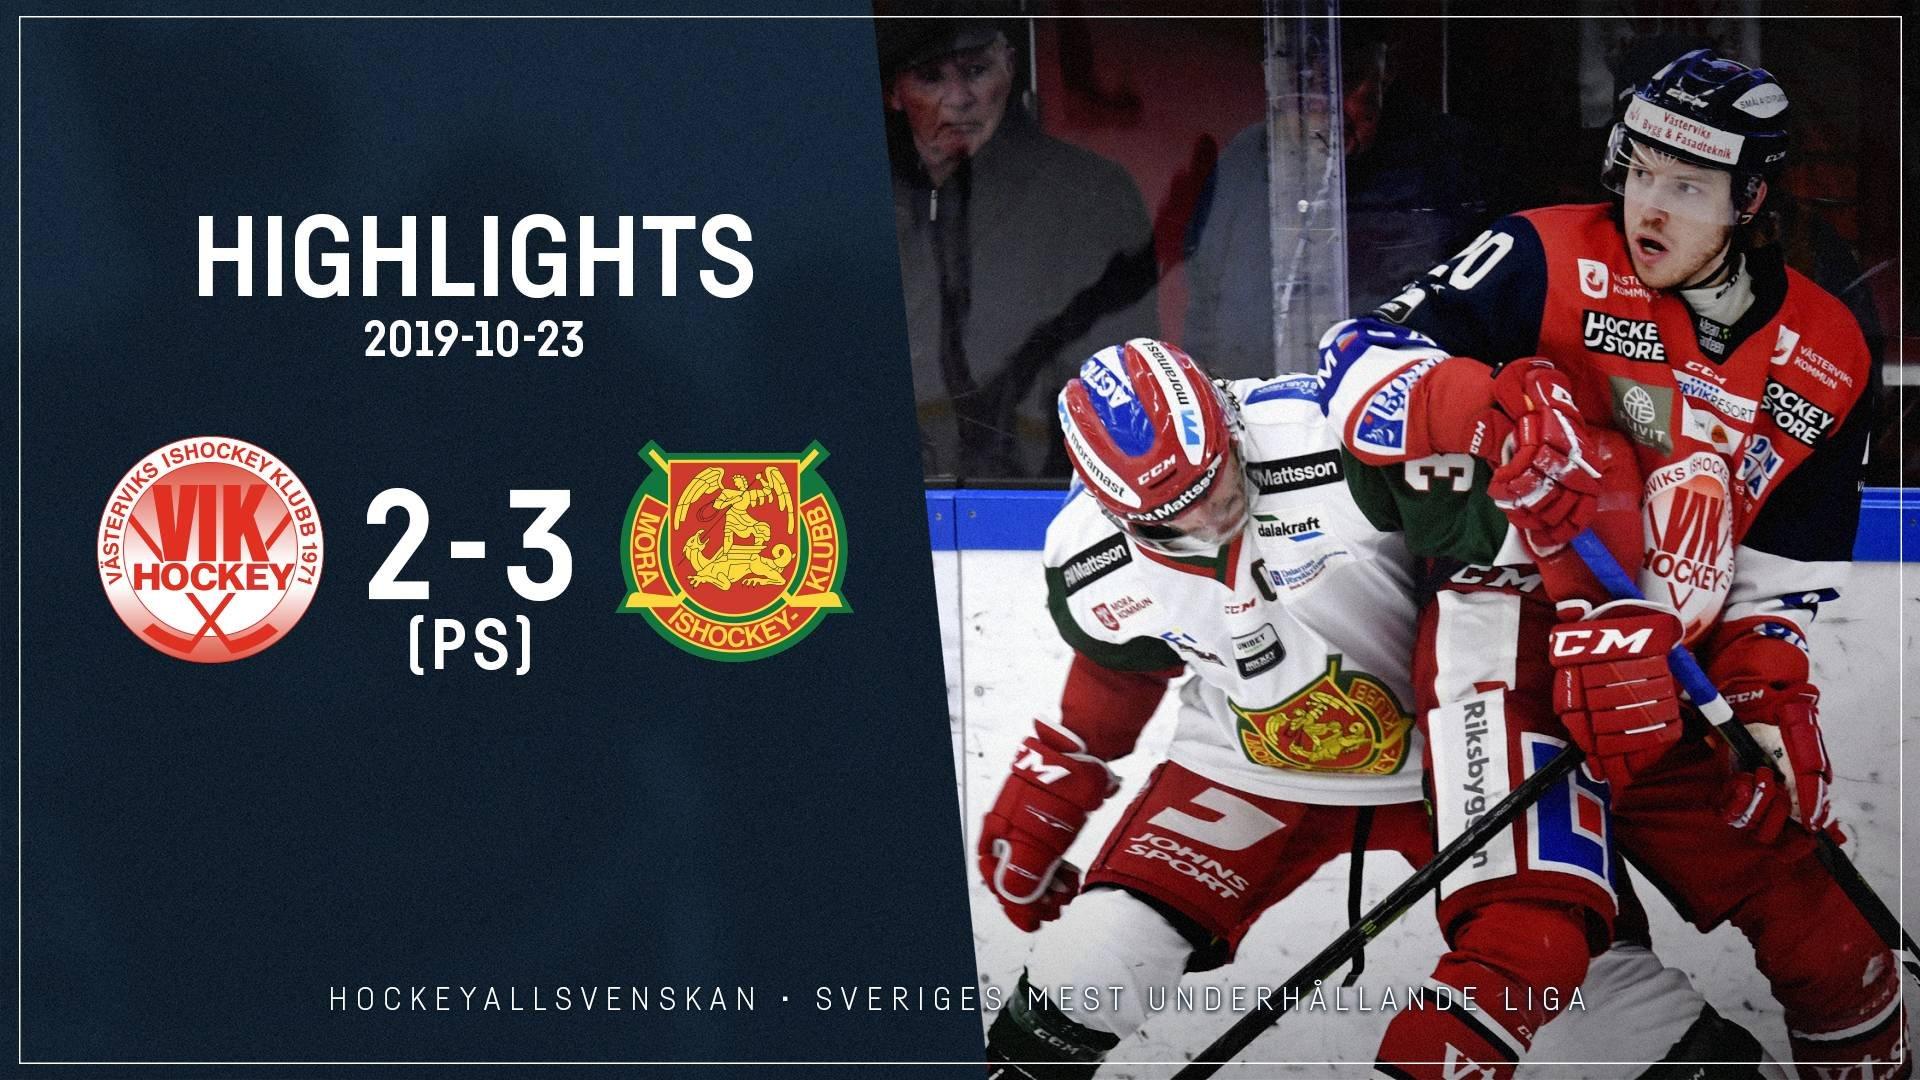 2019-10-23 Västervik - Mora 2-3 (PS)